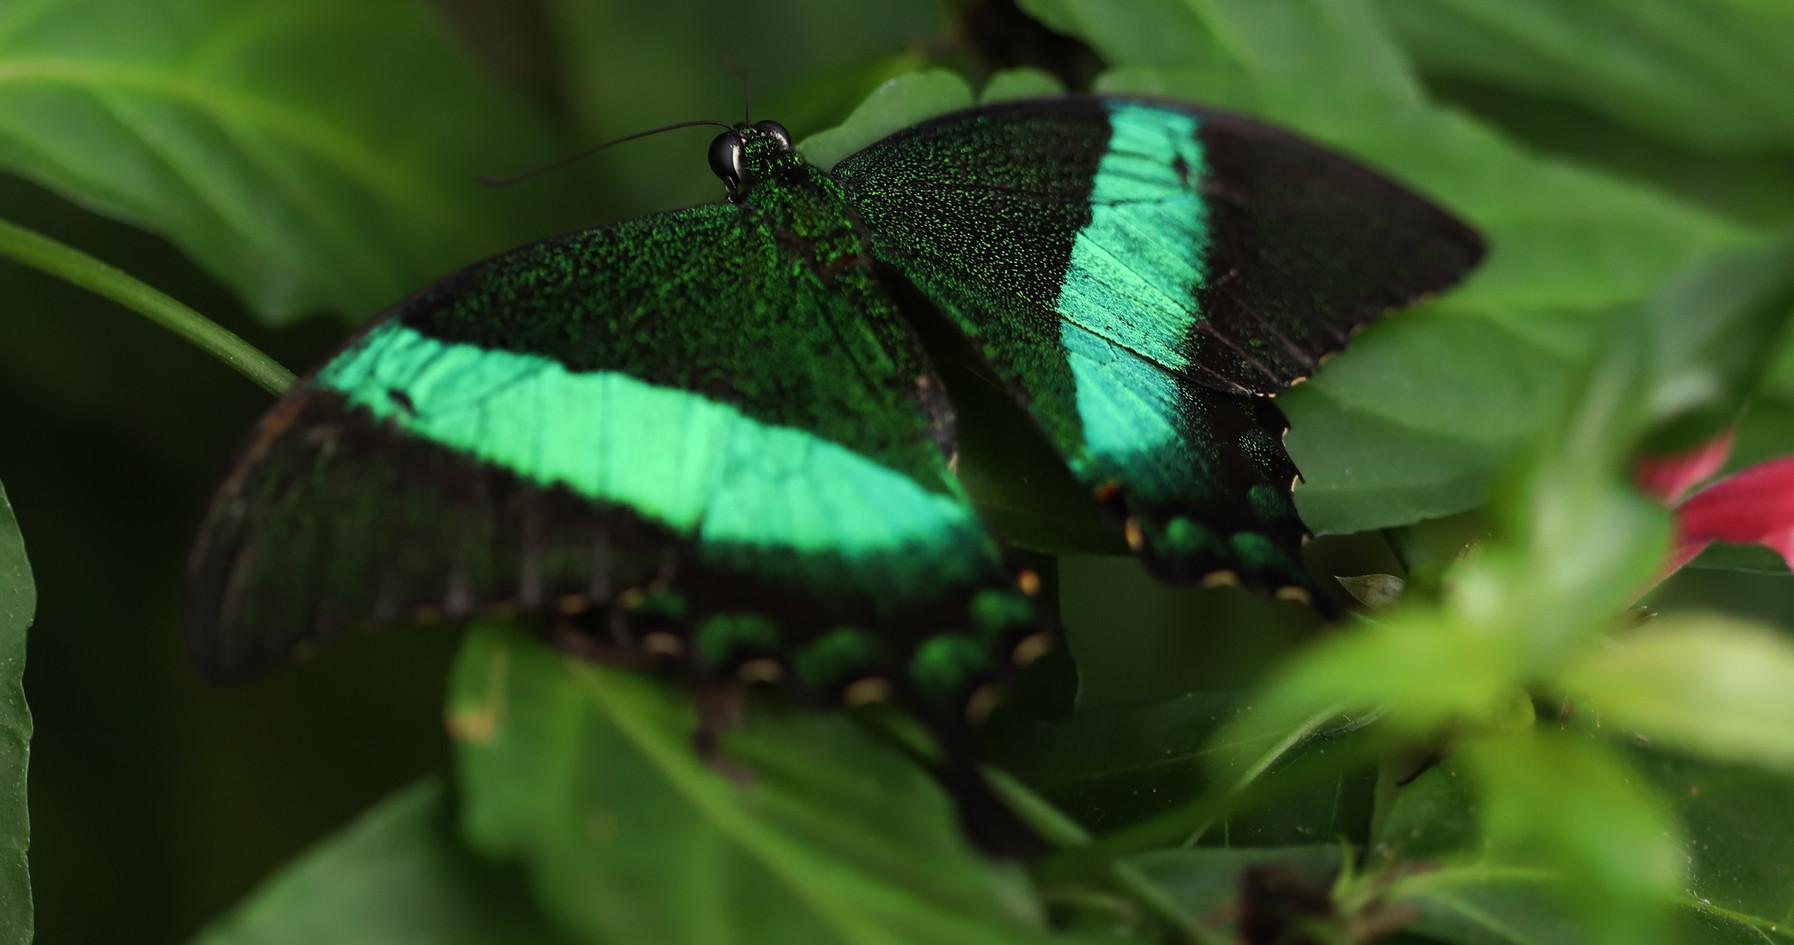 An Emerald Swallowtail